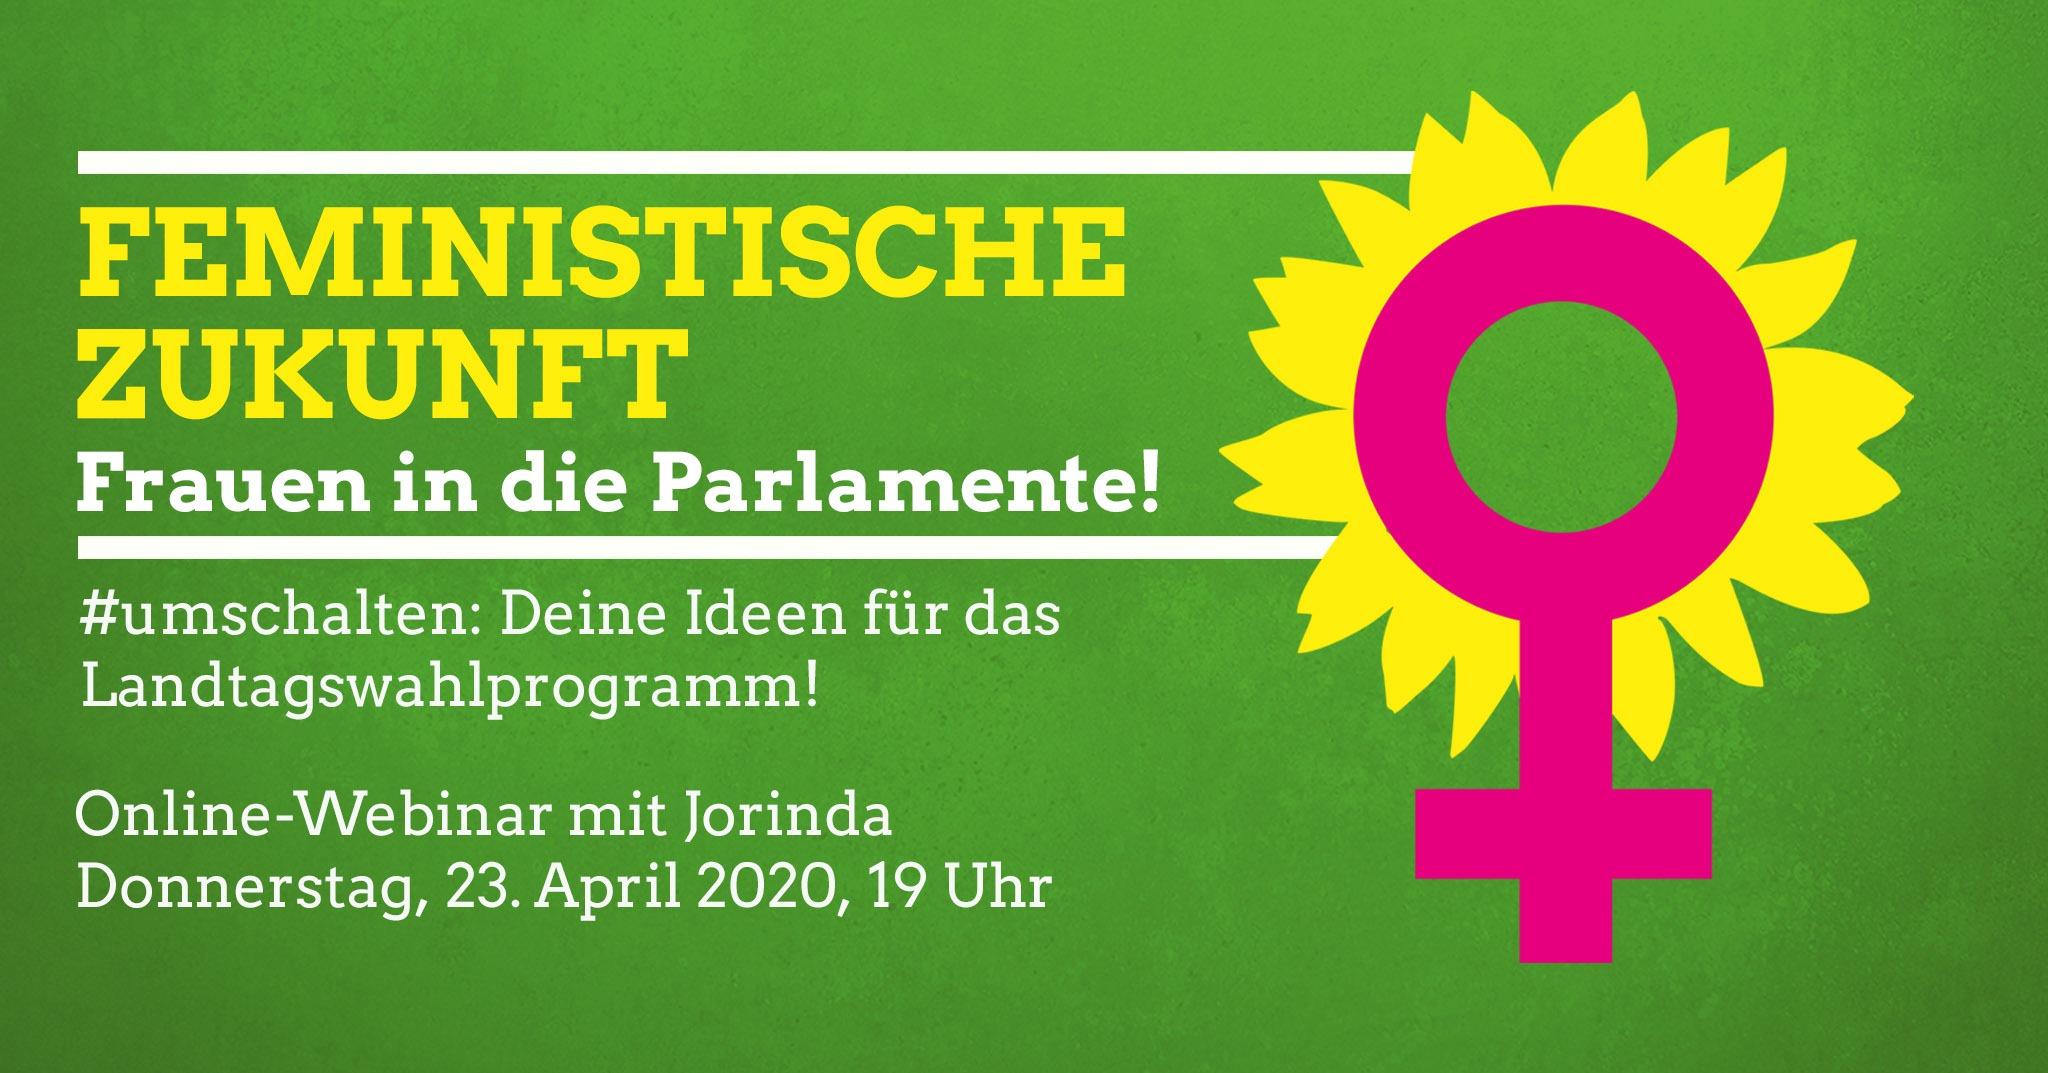 Feministische Zukunft: Frauen in die Parlamente